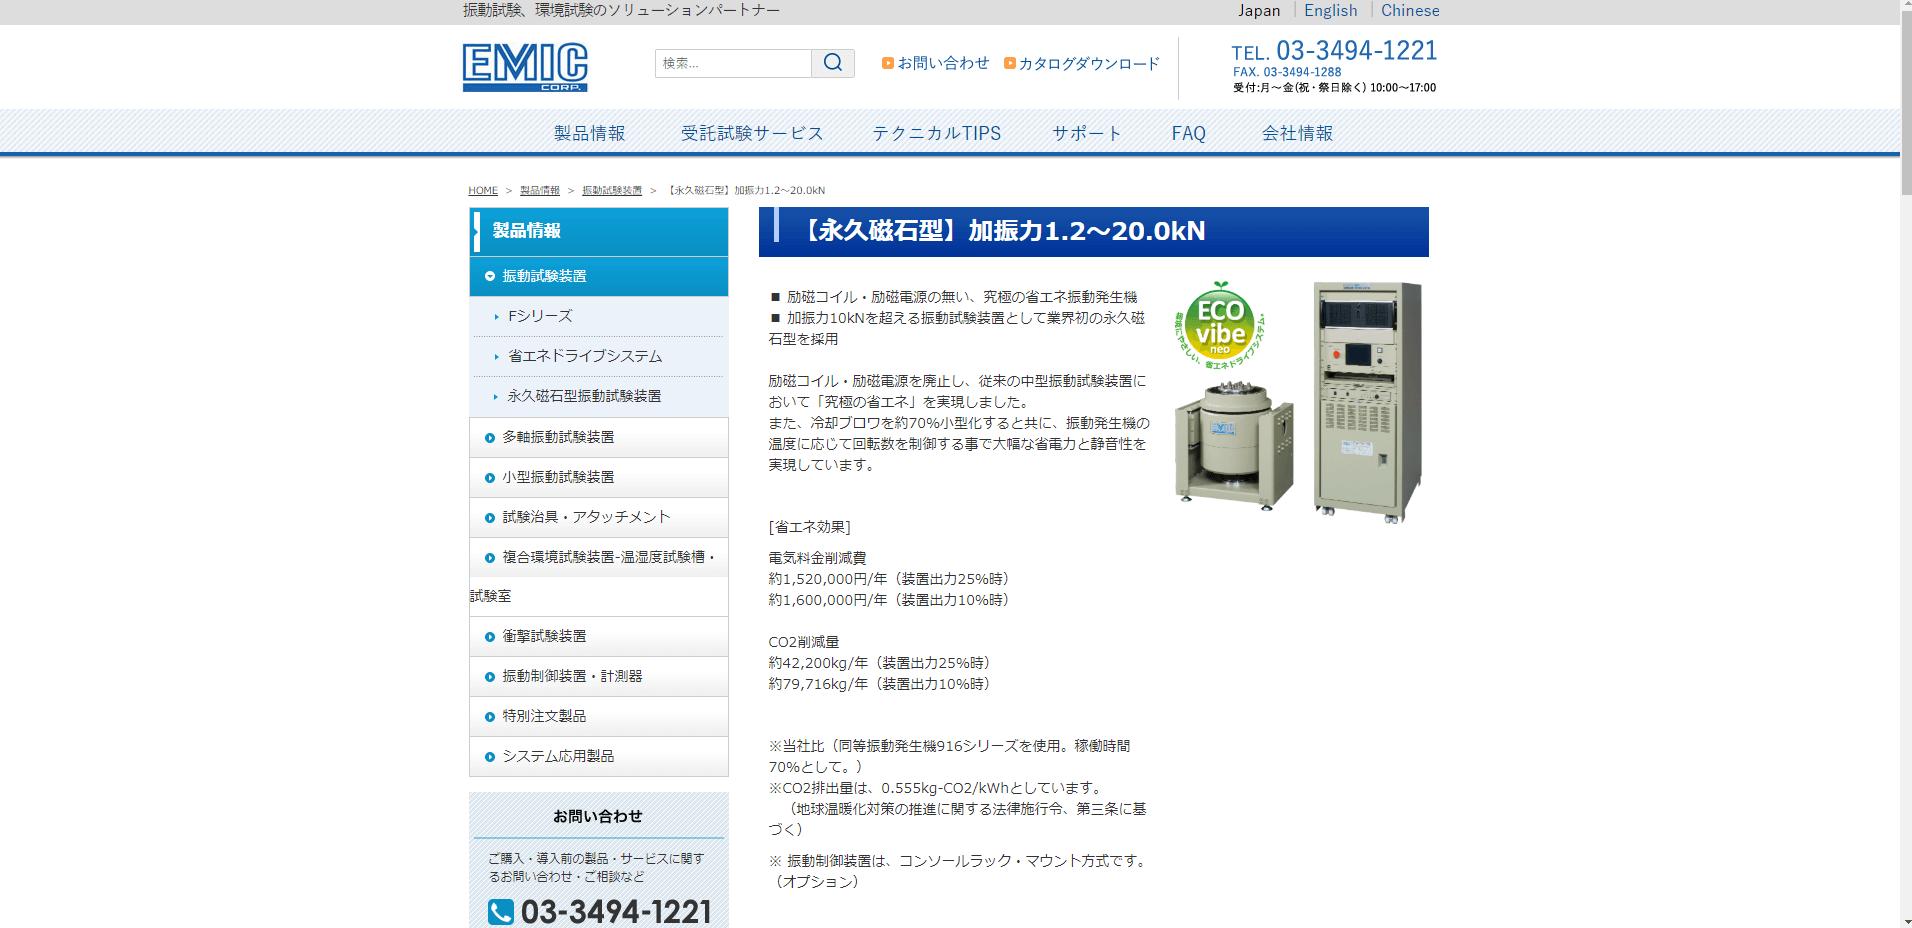 永久磁石型振動試験装置【永久磁石型】加振力1.2~20.0kN